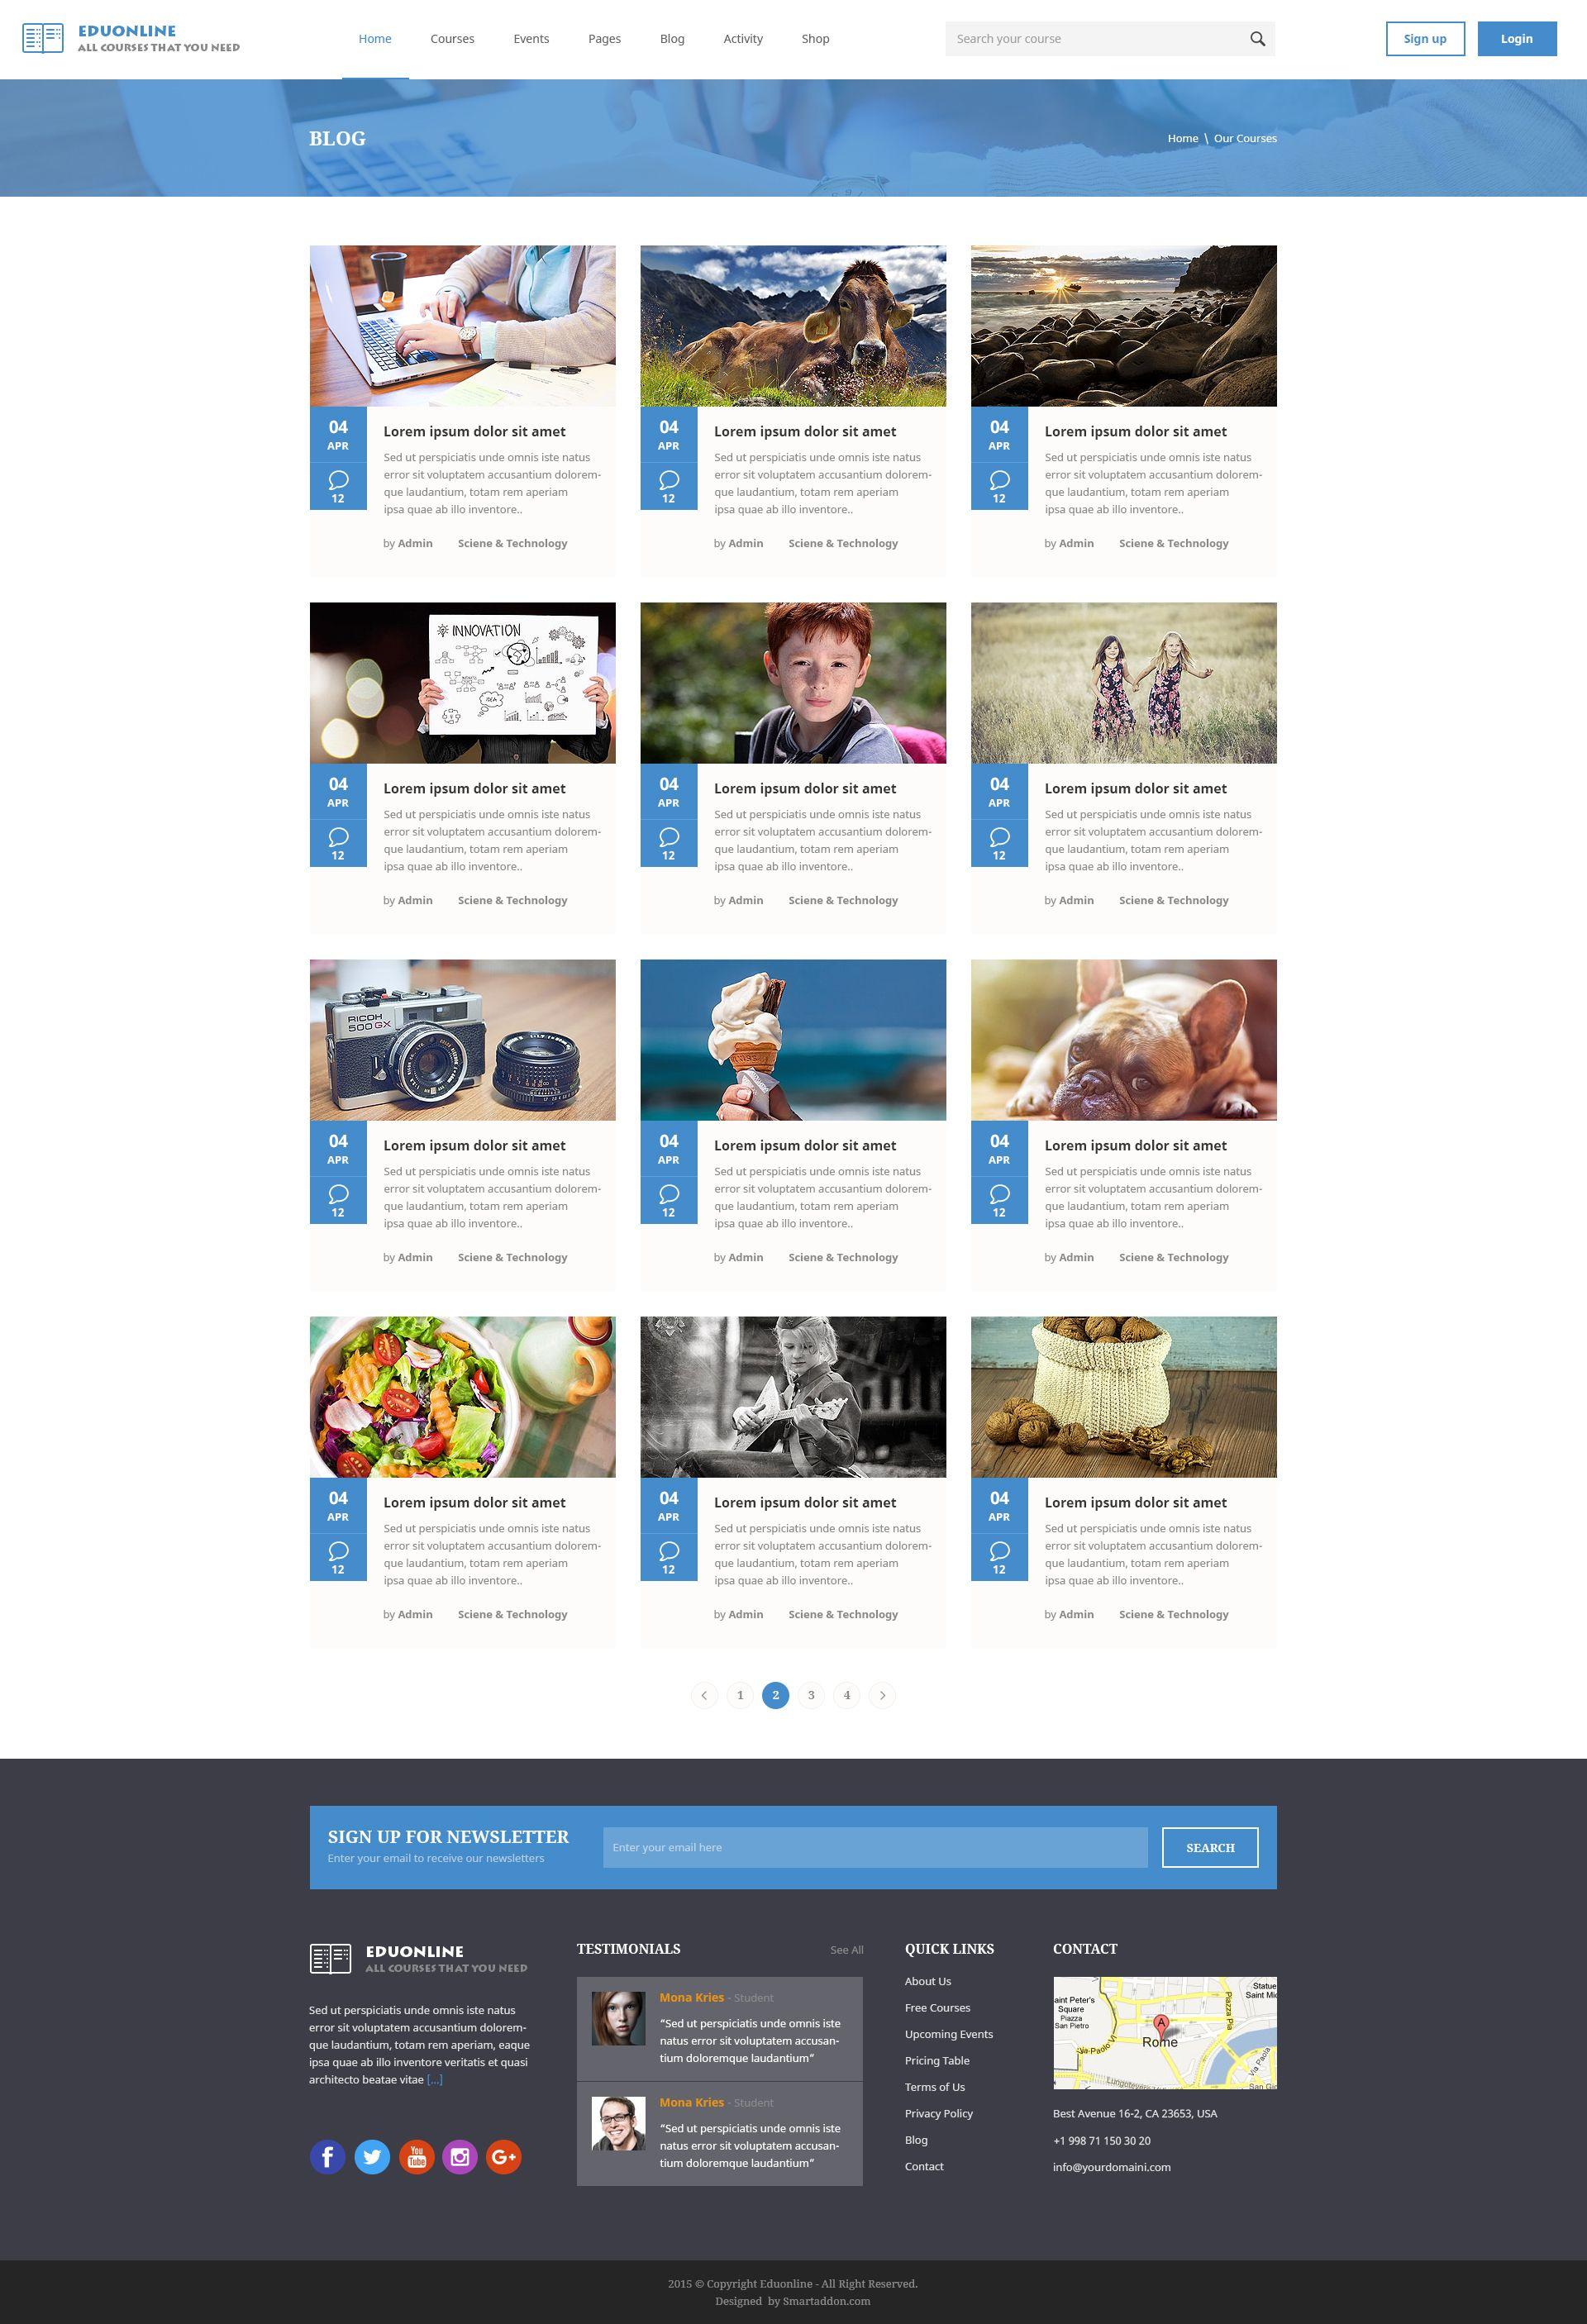 Eduonline - Multipurpose Business PSD Template | Creative | Psd